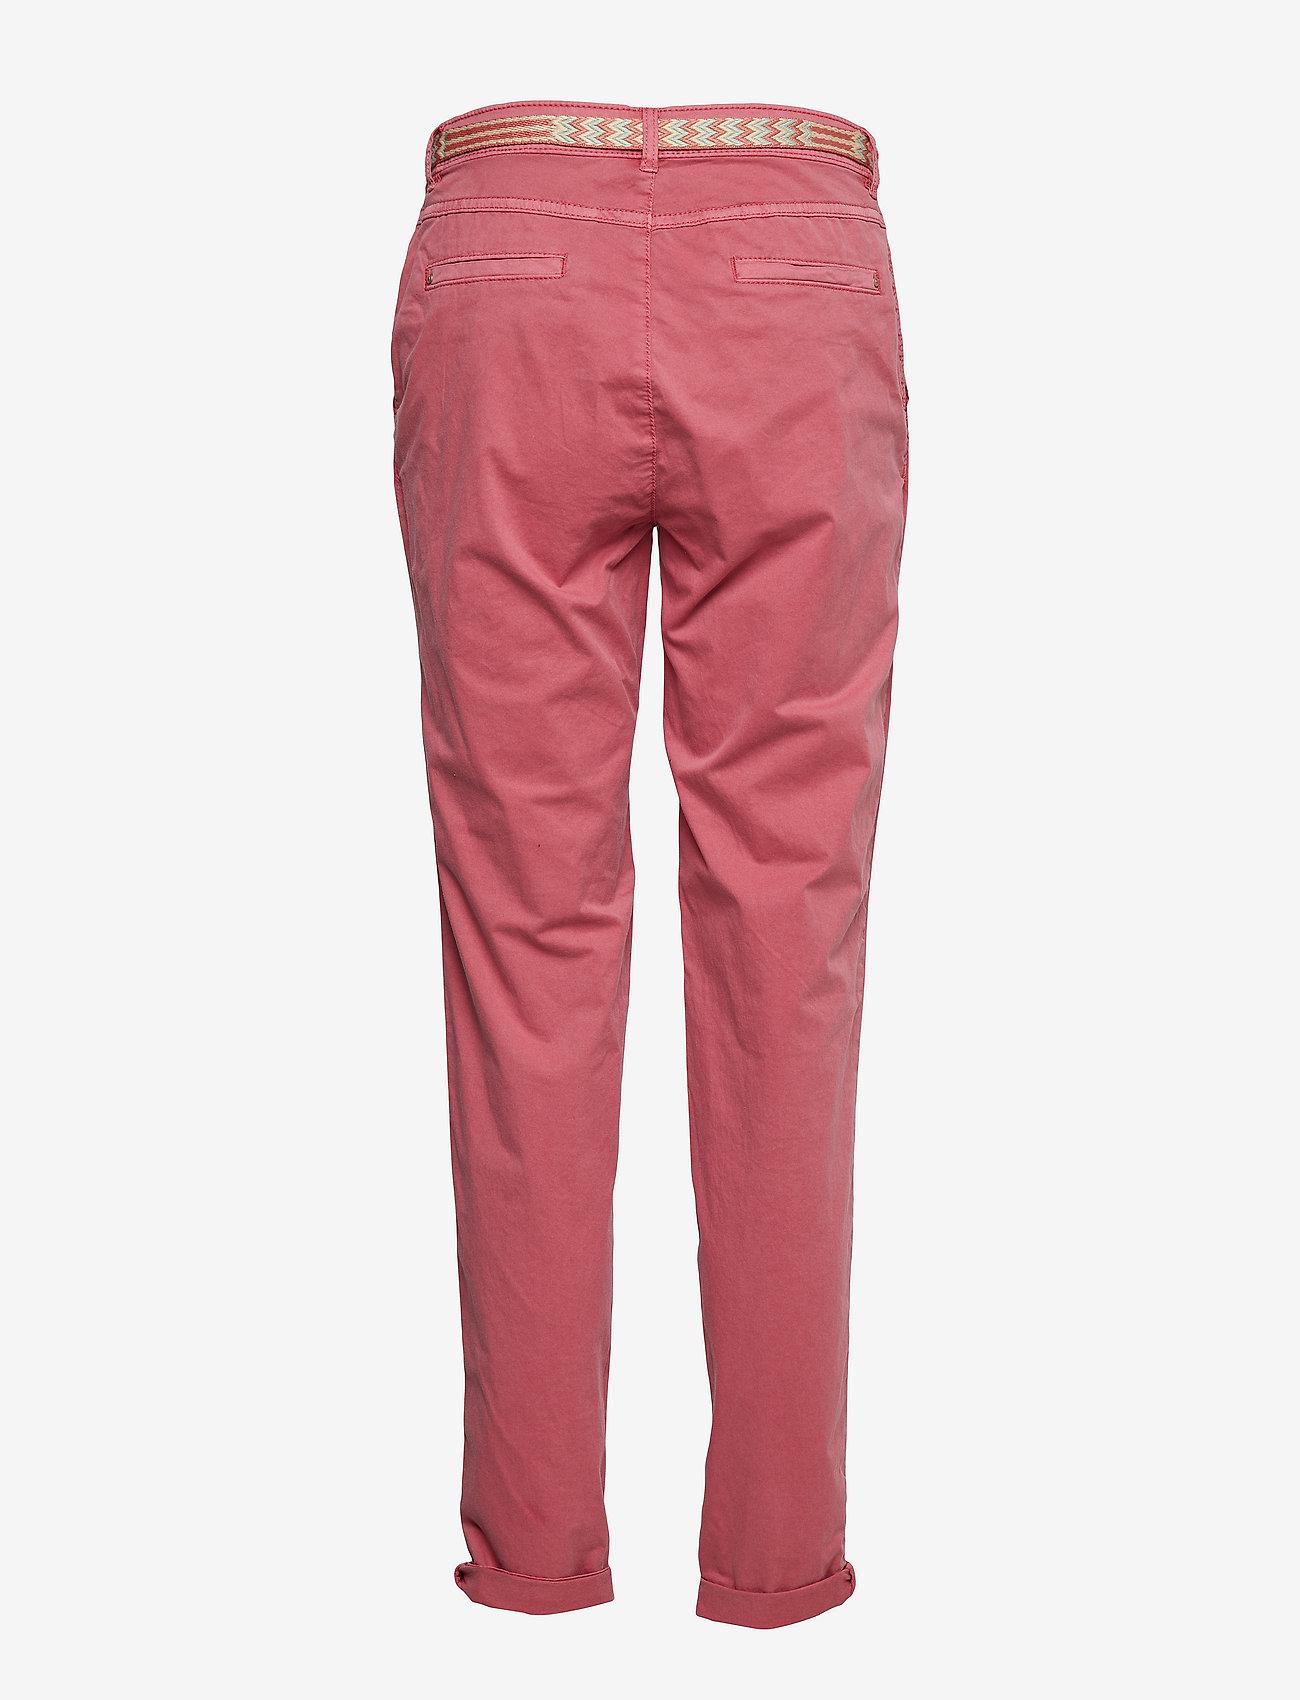 Esprit Casual Pants woven - Spodnie BLUSH - Kobiety Odzież.